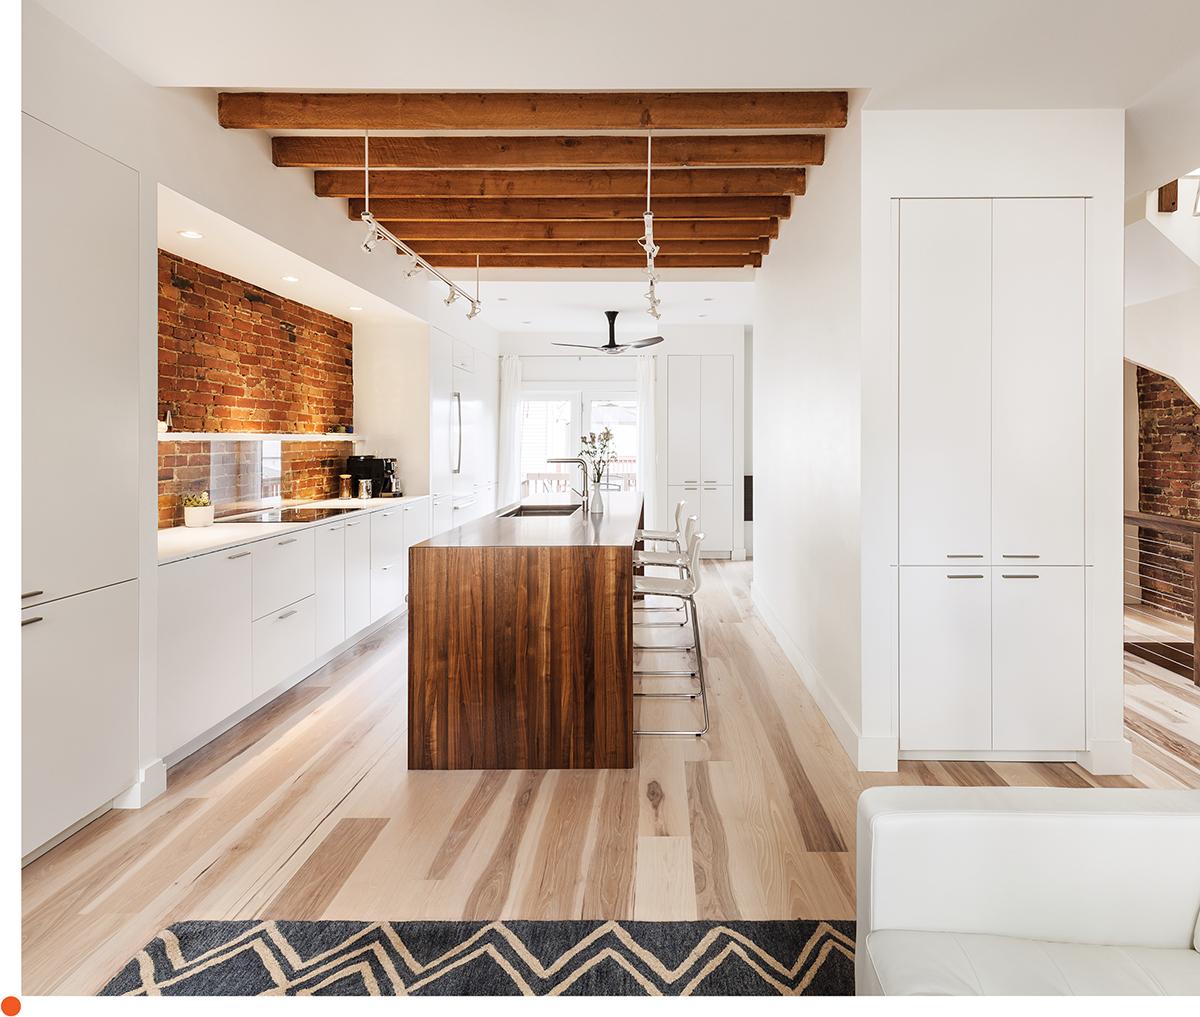 boston kitchens design guide 2016 18